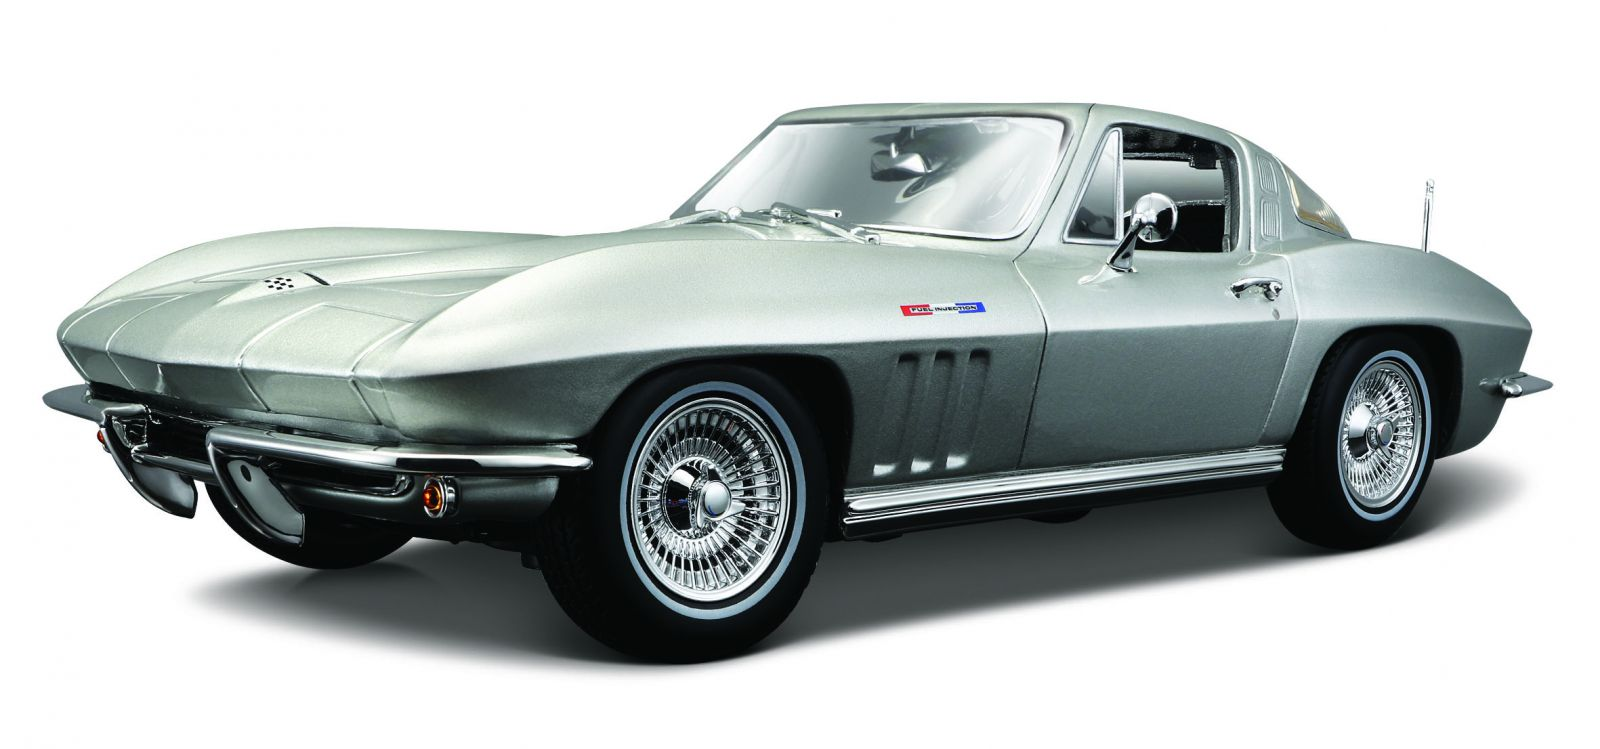 Maisto 1:18 Chevrolet Corvette 1965 - stříbrná barva